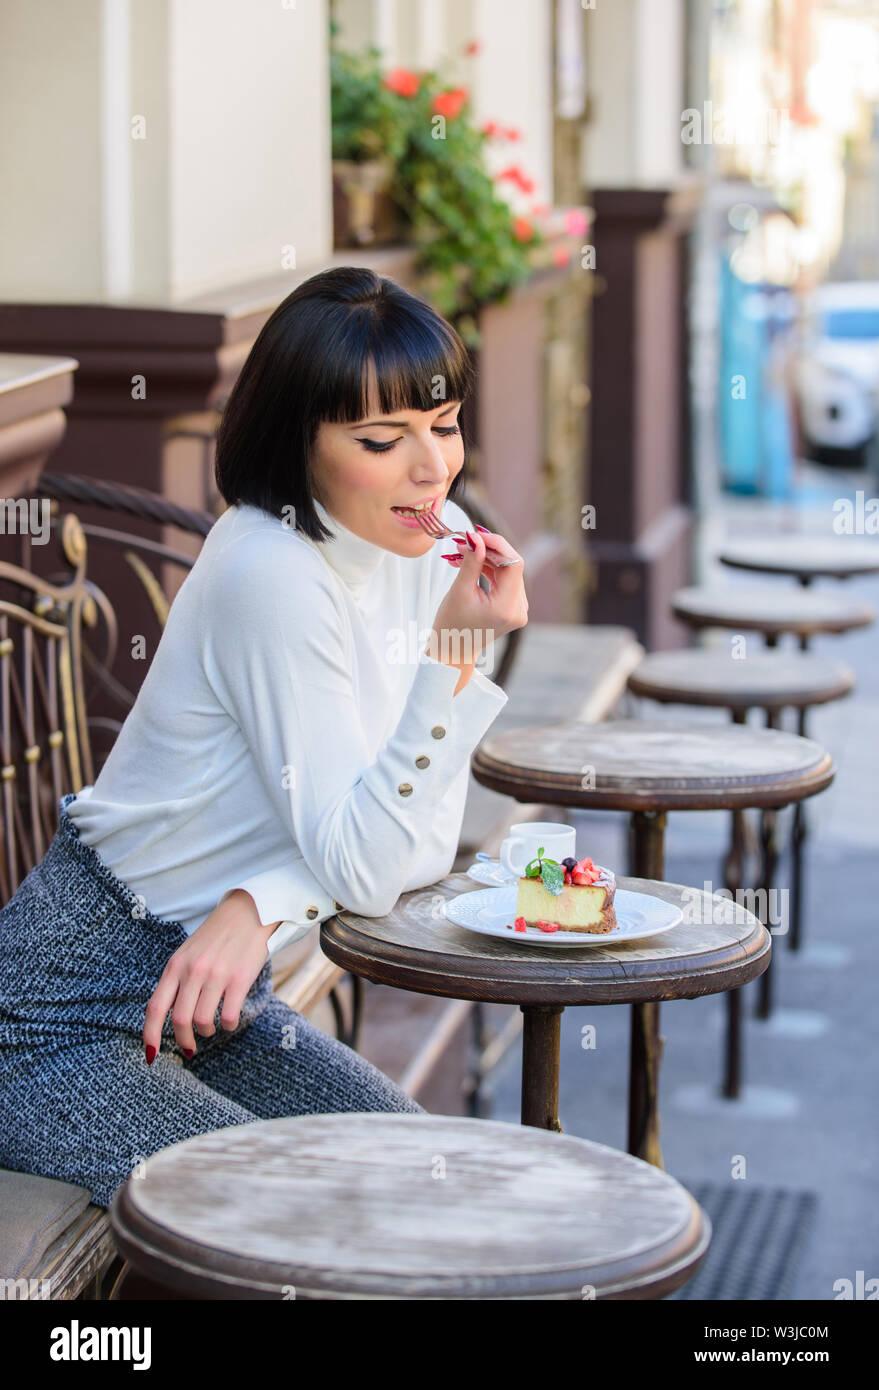 Hervorragender Geschmack. Frau attraktive Elegante brunette Essen gourmet Kuchen Cafe Terrasse Hintergrund. Angenehme Zeit und Entspannung. Köstliches Kuchen. Gir Stockbild